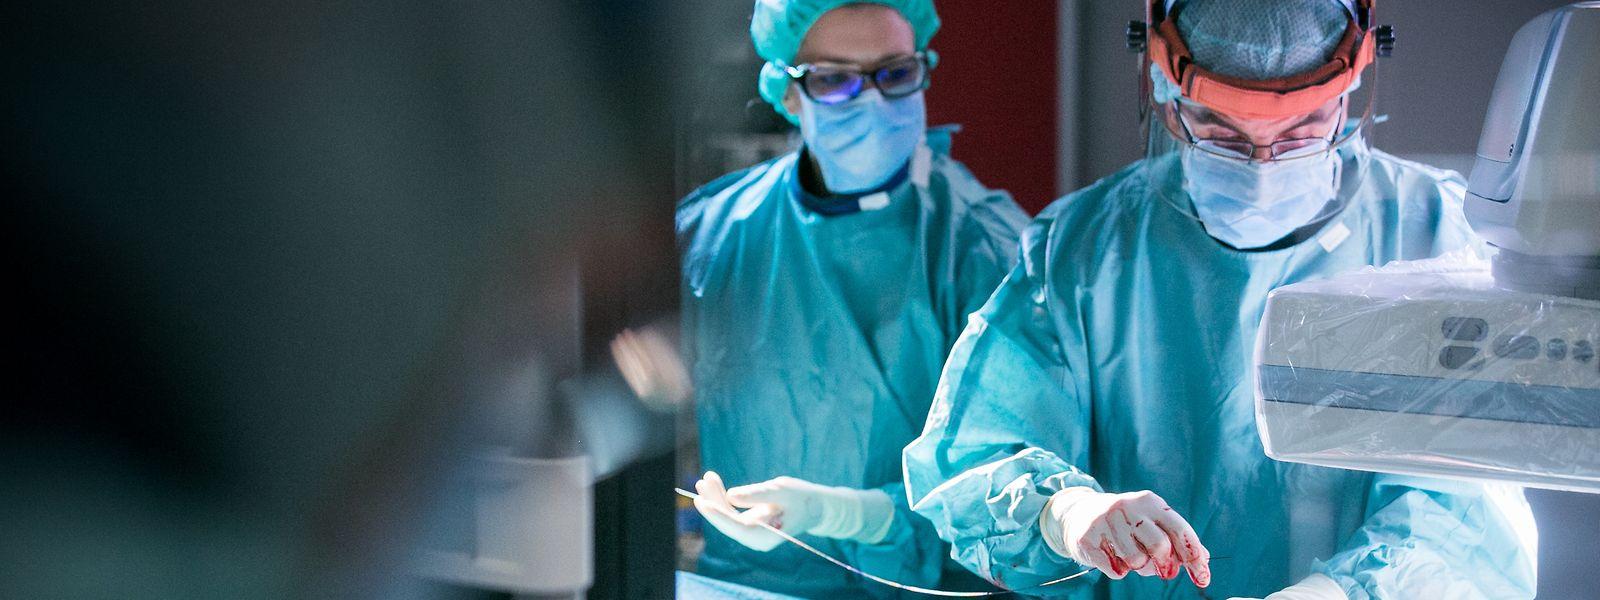 Für jeden zweiten Krankenhausarzt ist Familie und Beruf nicht im Gleichgewicht.